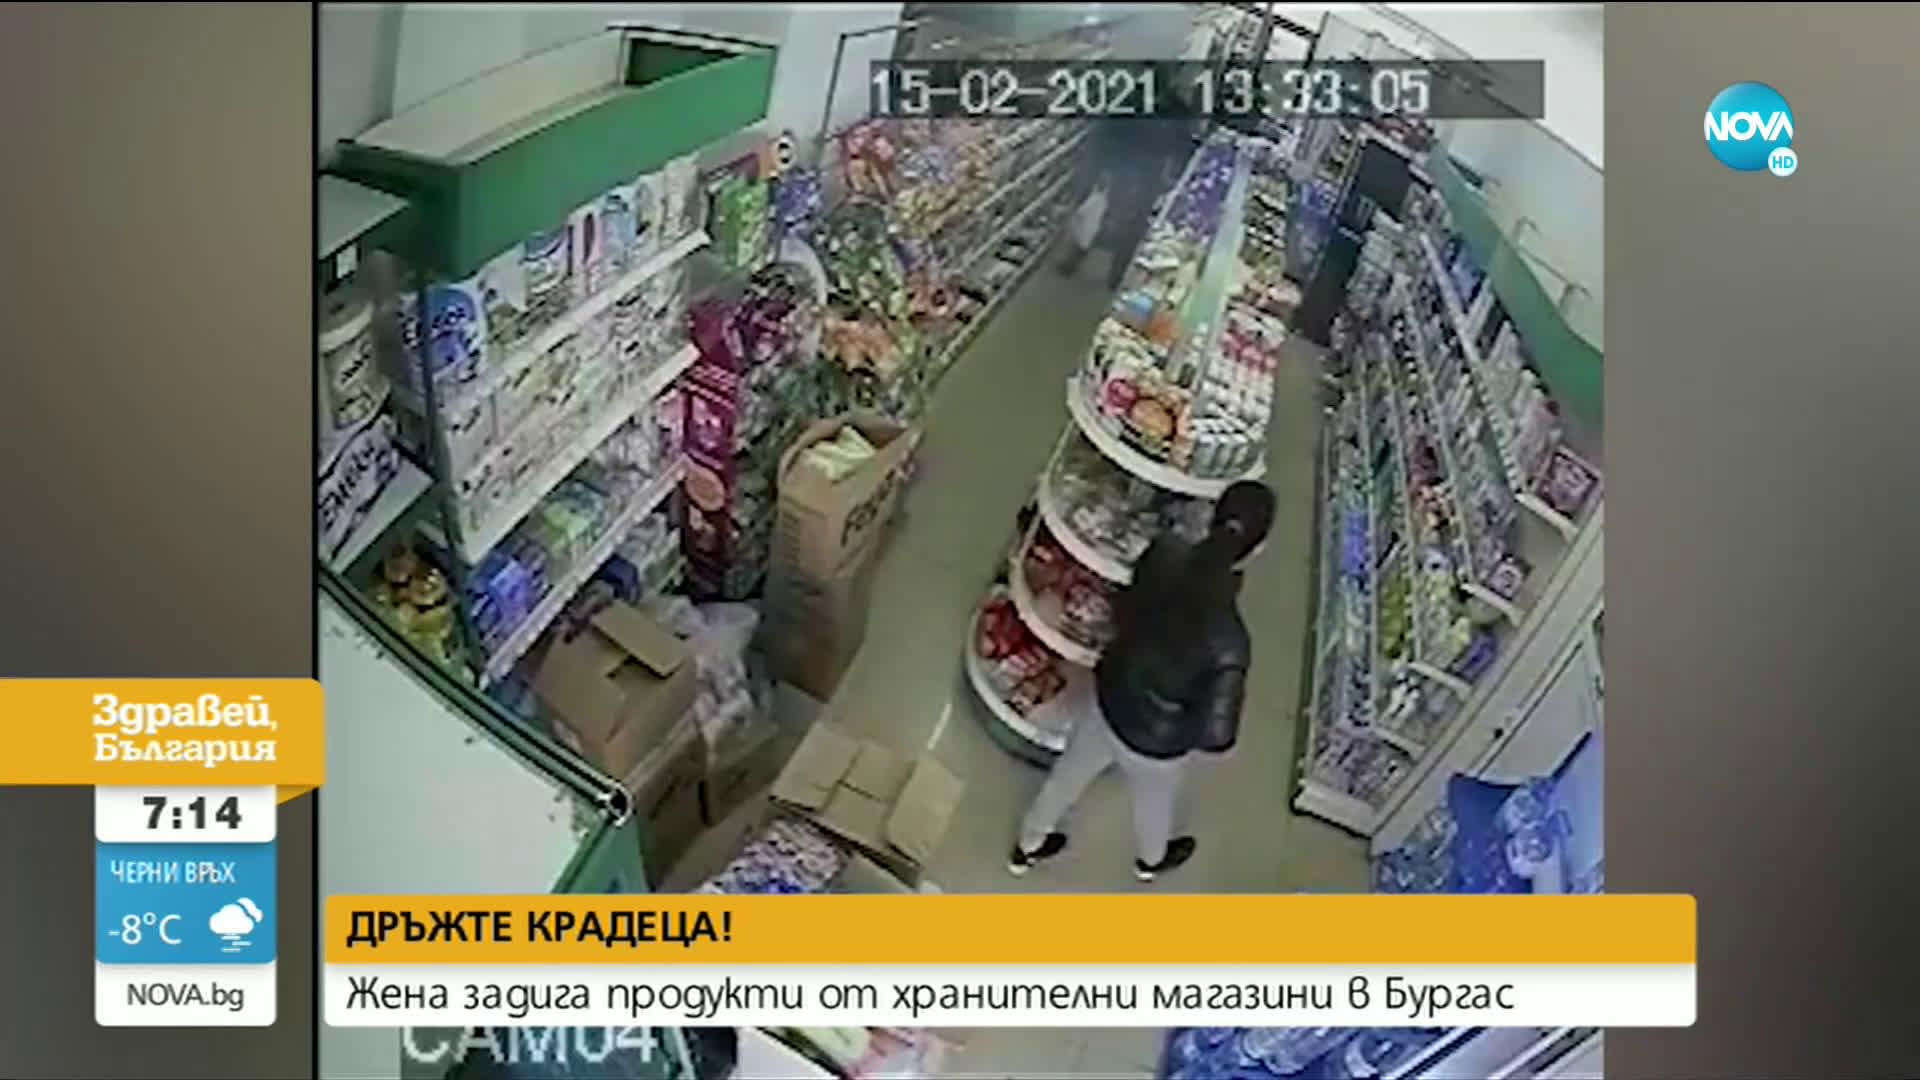 """""""ДРЪЖТЕ КРАДЕЦА"""": Жена задига продукти от хранителни магазини в Бургас"""